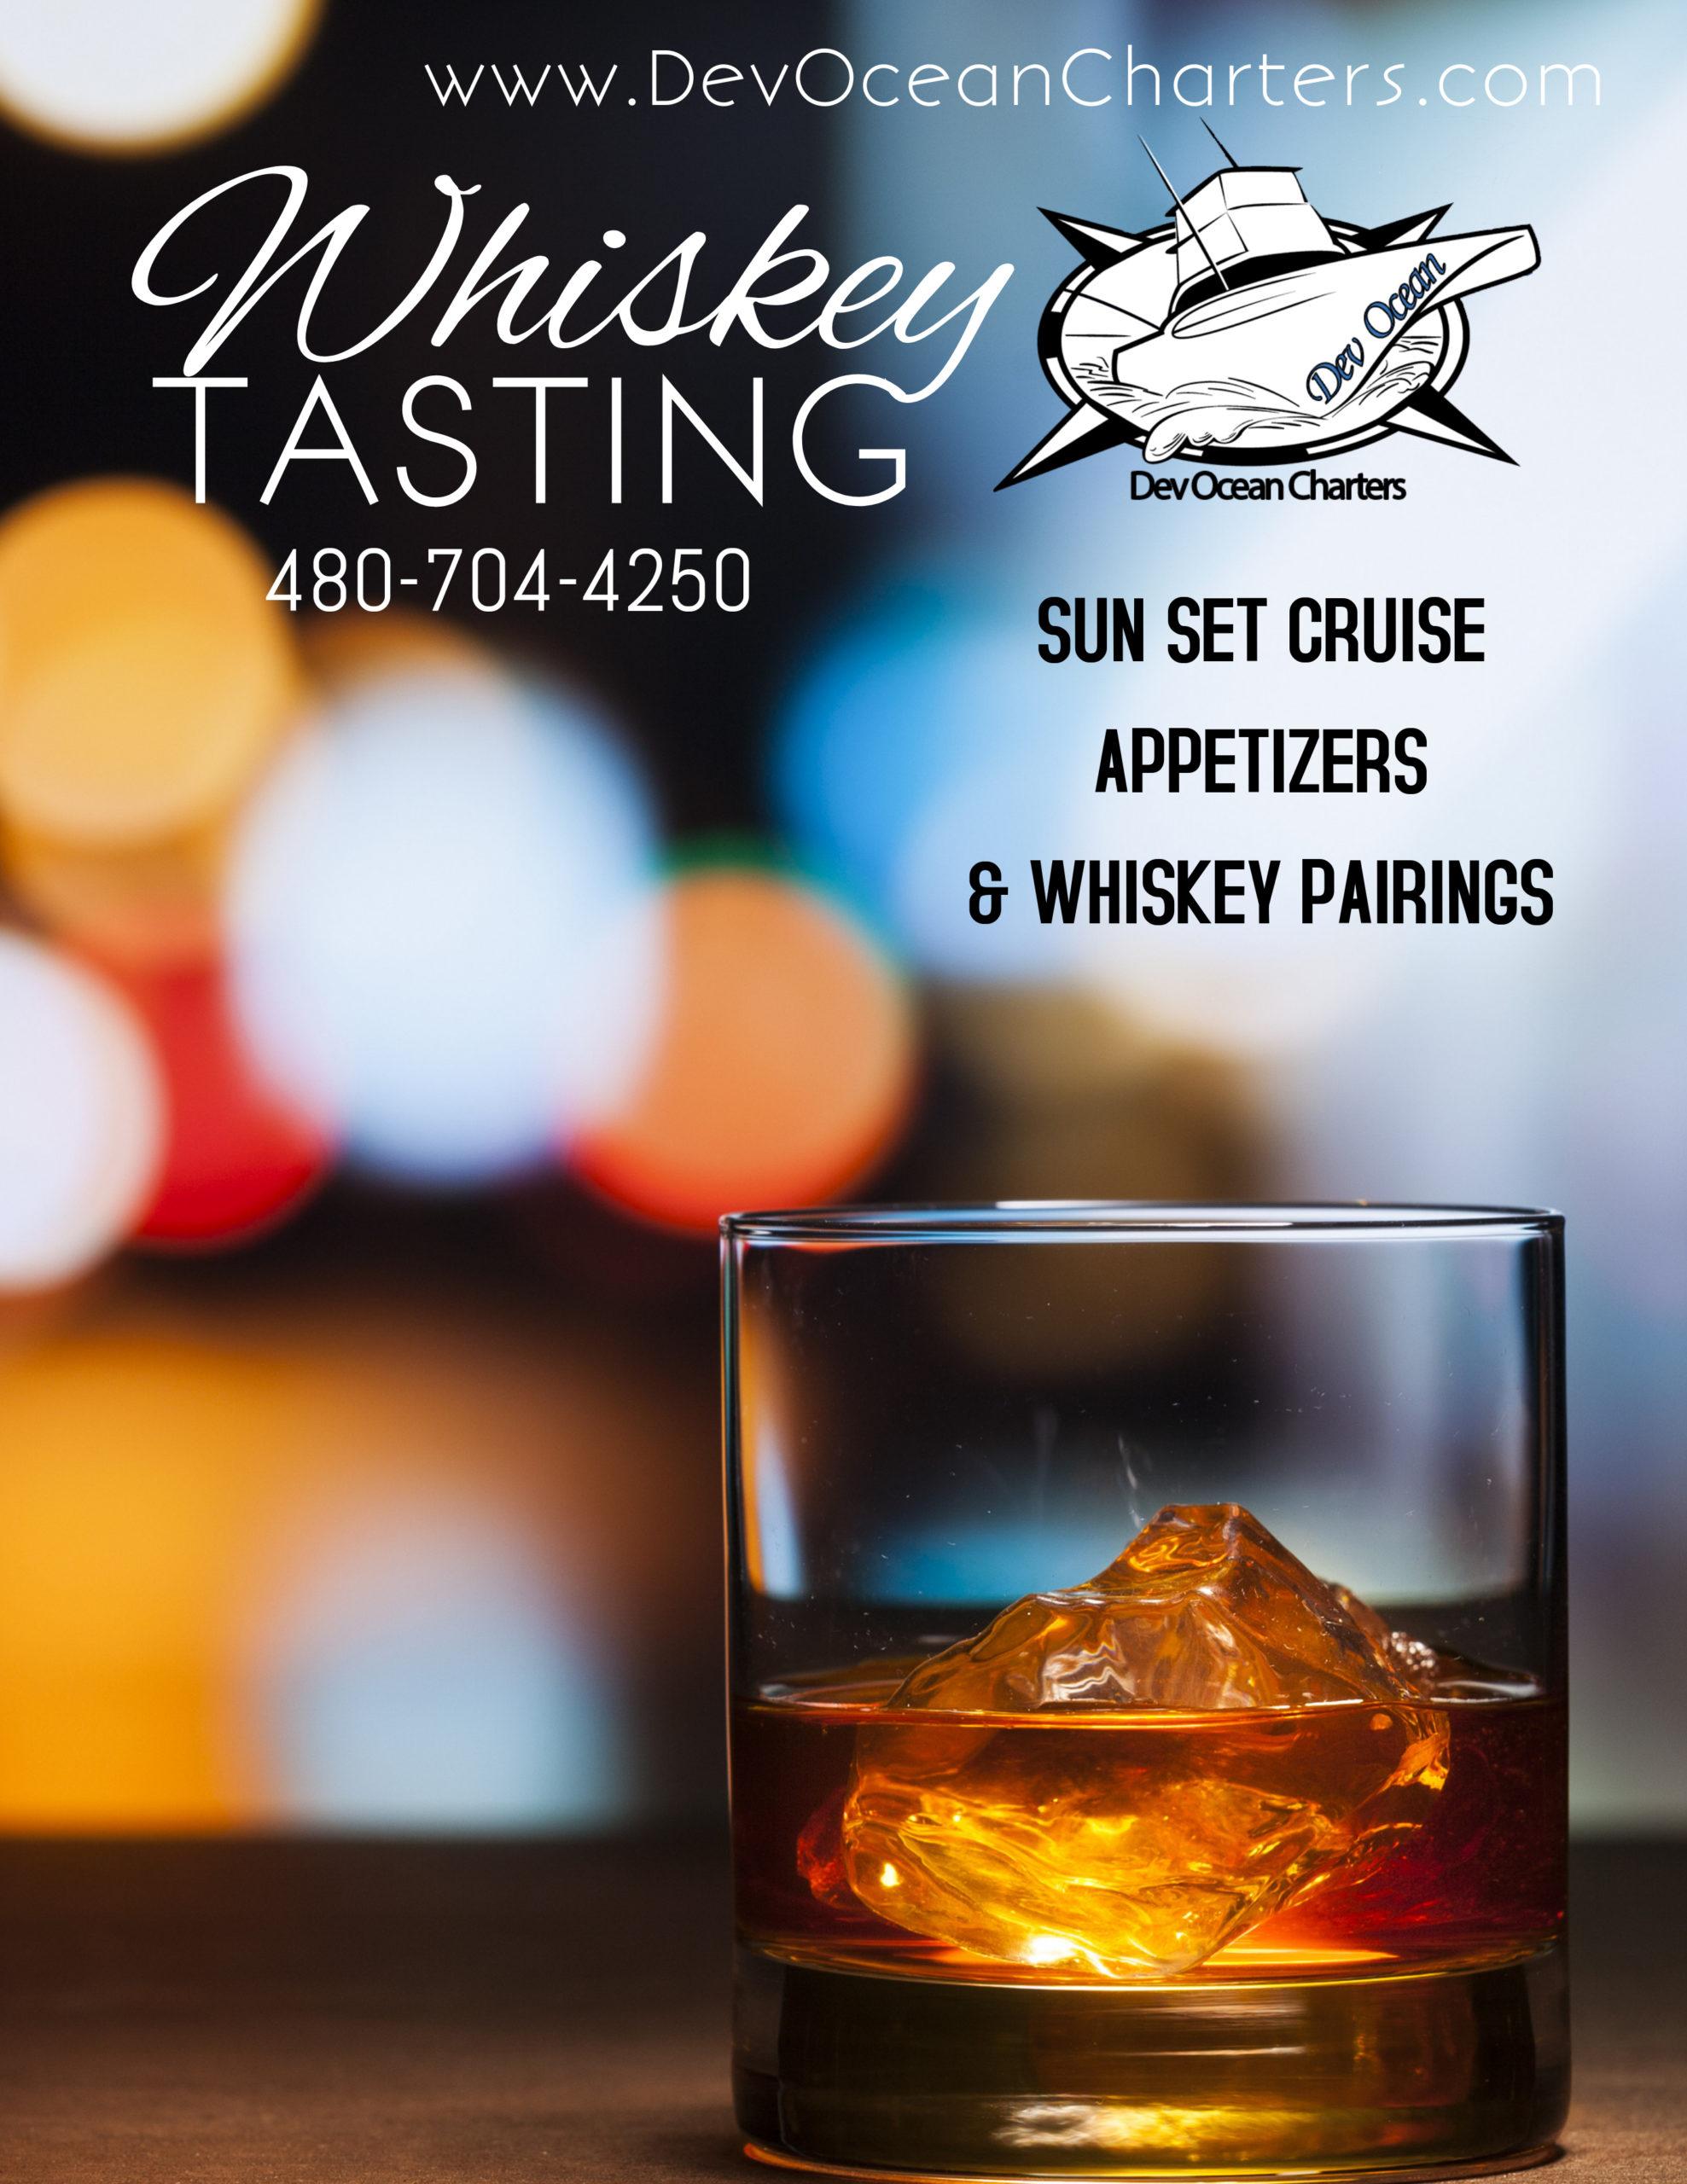 Copy of Whiskey Tasting Dinner Flyer (1)